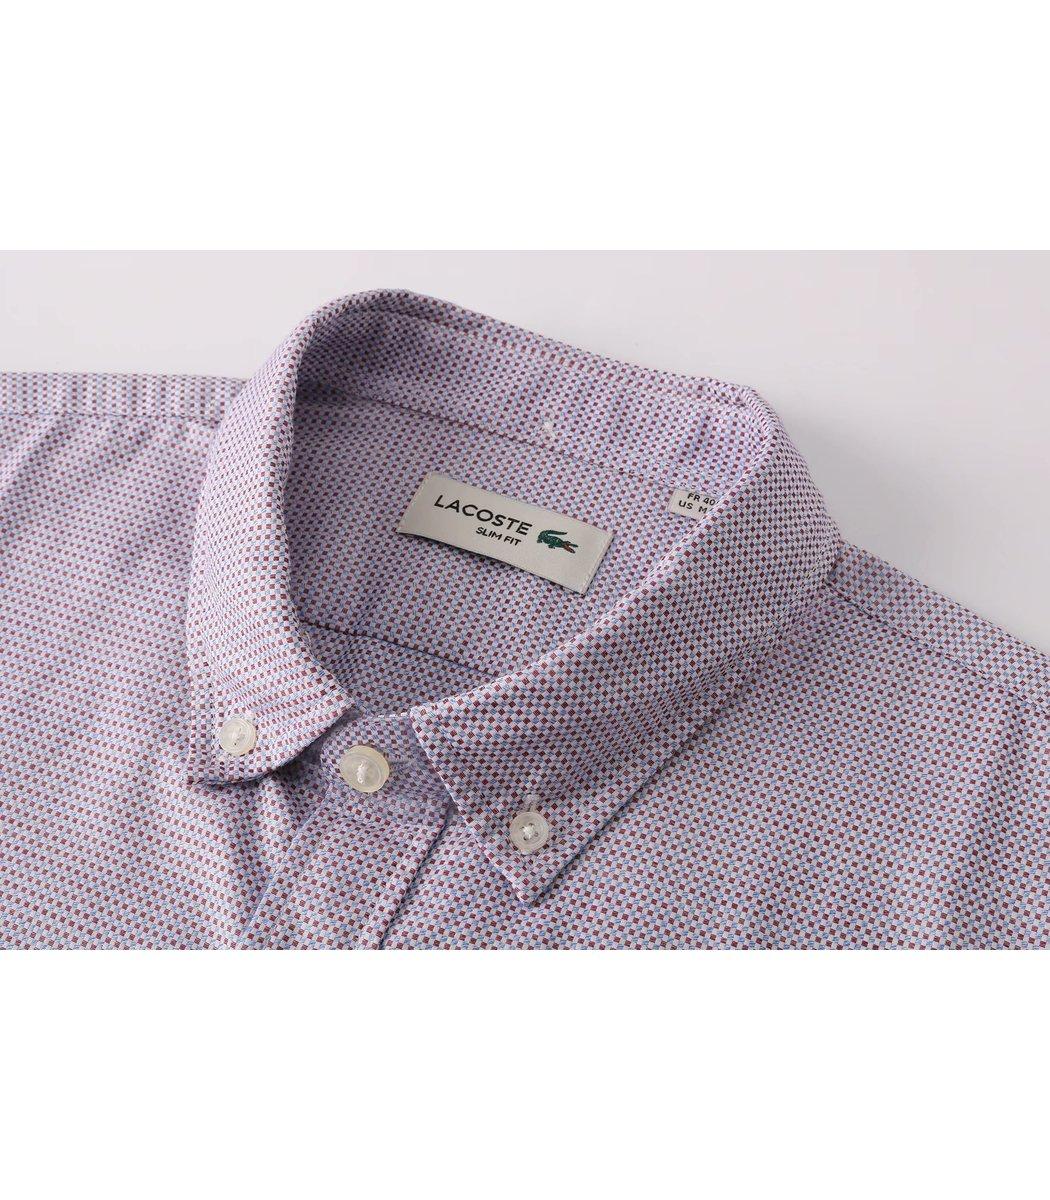 Рубашка Lacoste в мелкую клетку RL3